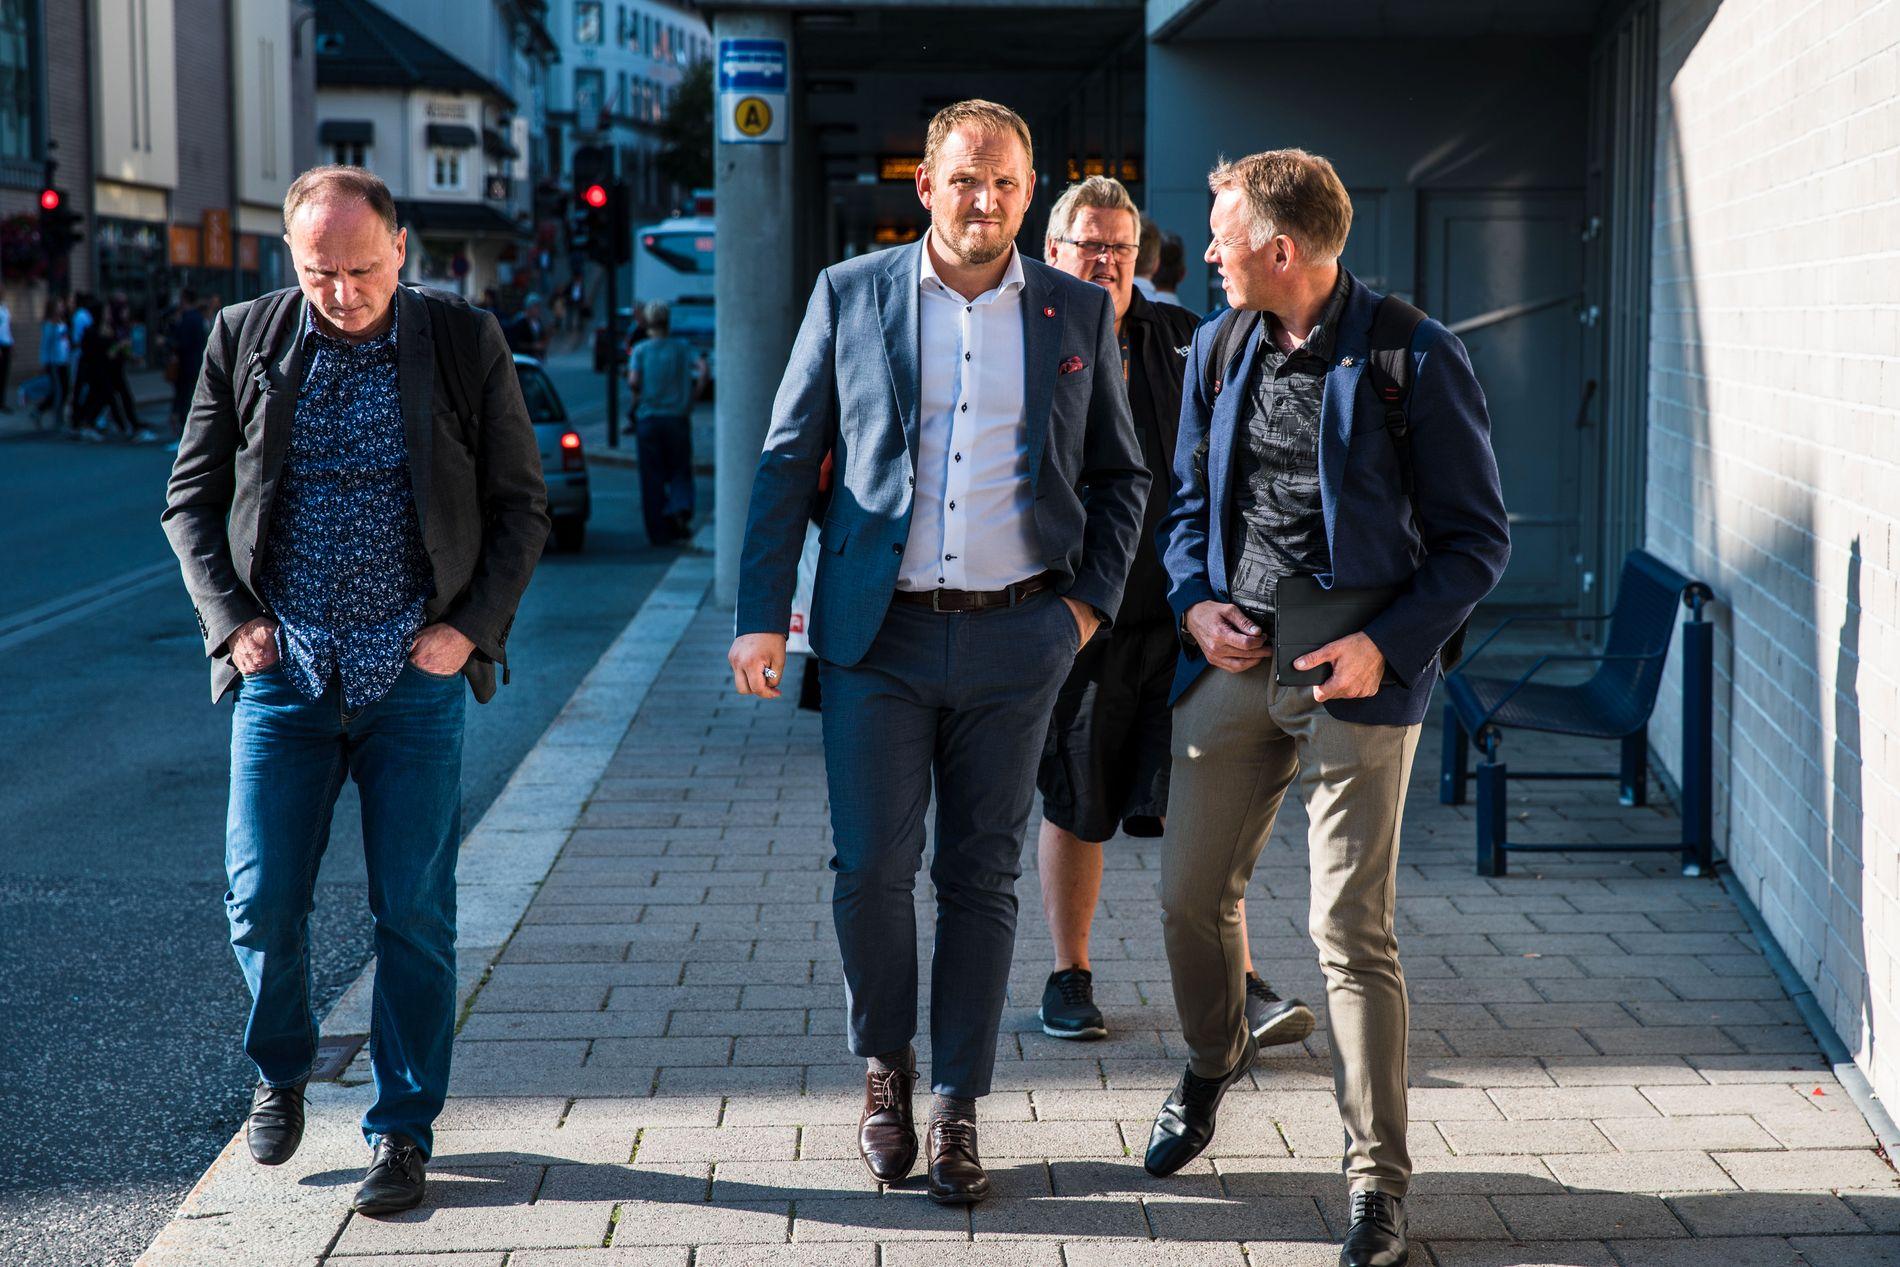 TYDELIG: Samferdselsminister Jan Georg Dale (Frp) på vei til debatt under Arendalsuka hvor han var klar på at han ikke vil ha veiprising.